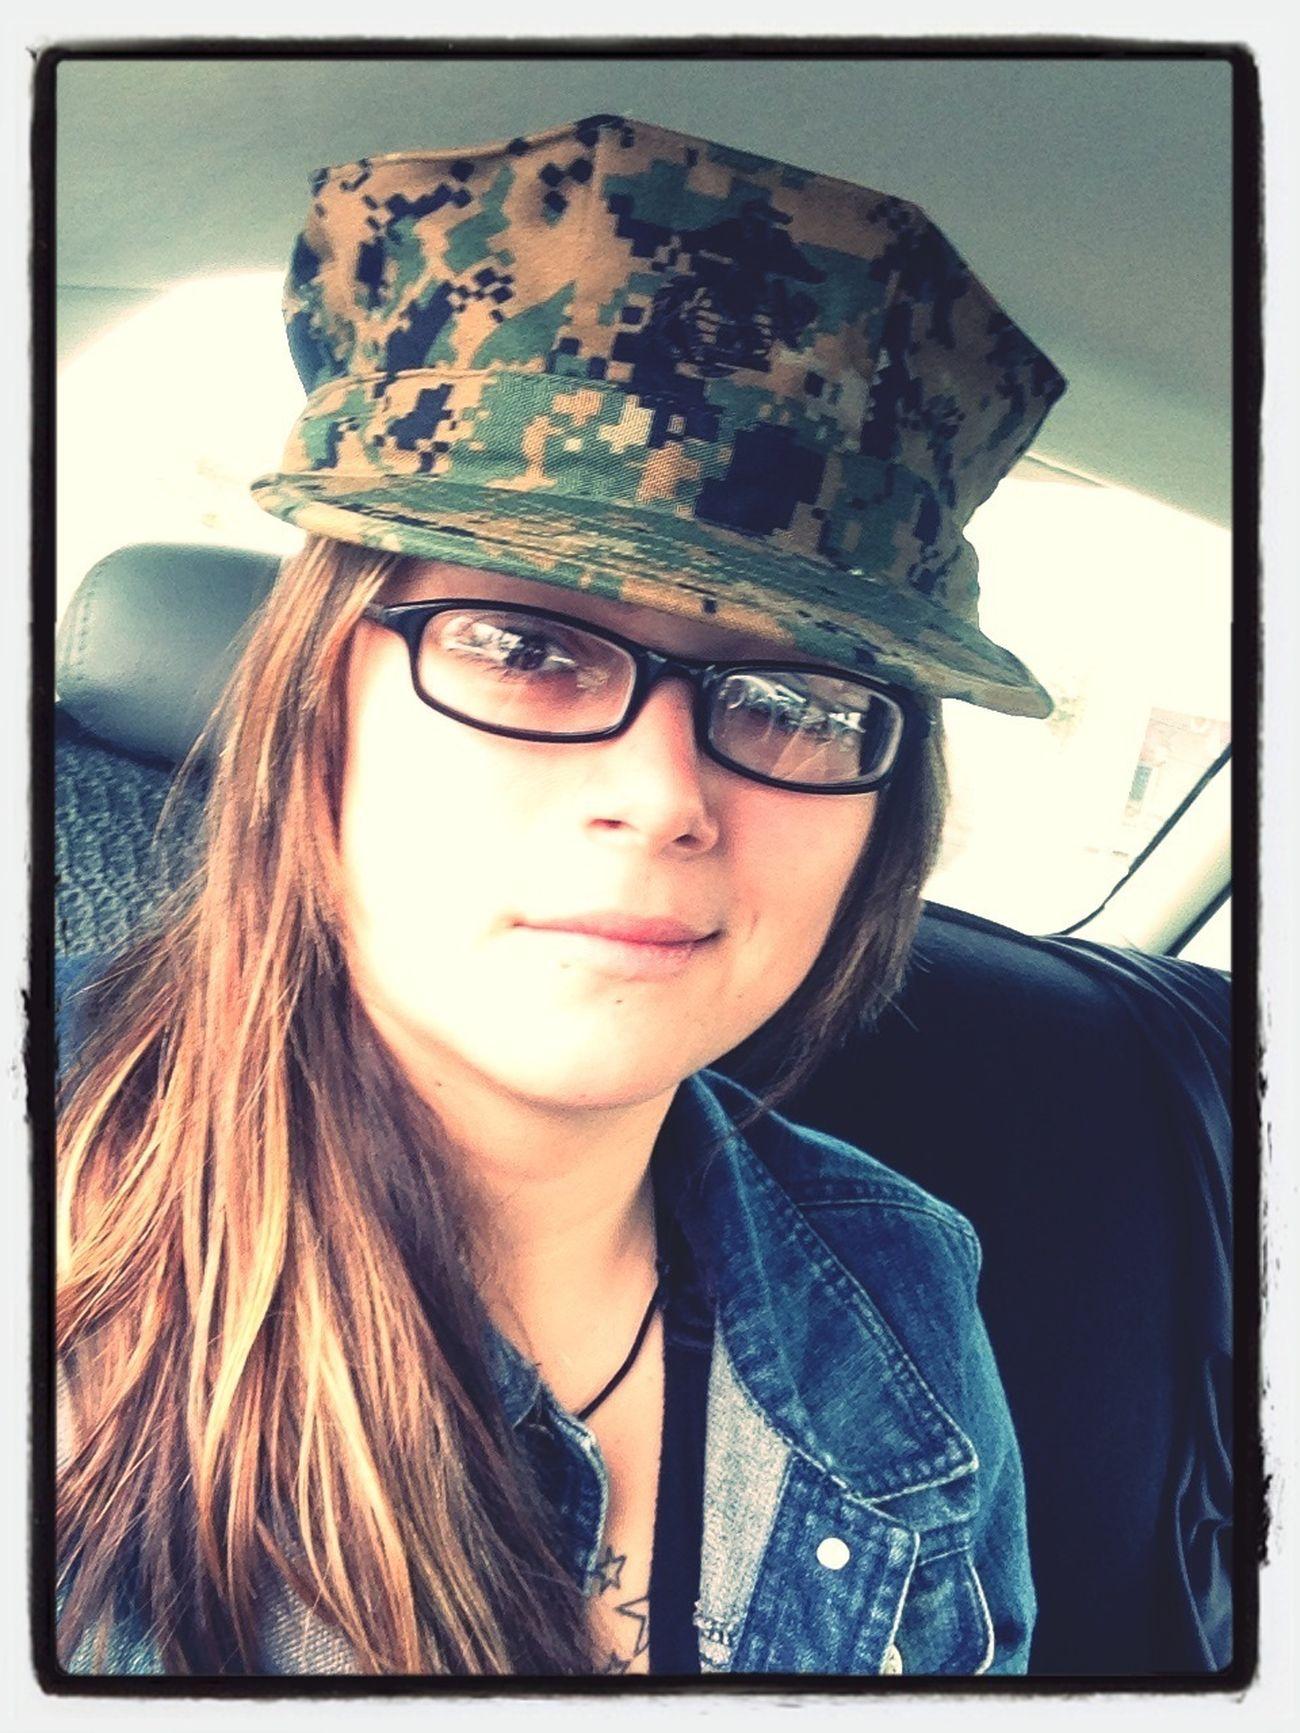 What?! USMC!!!